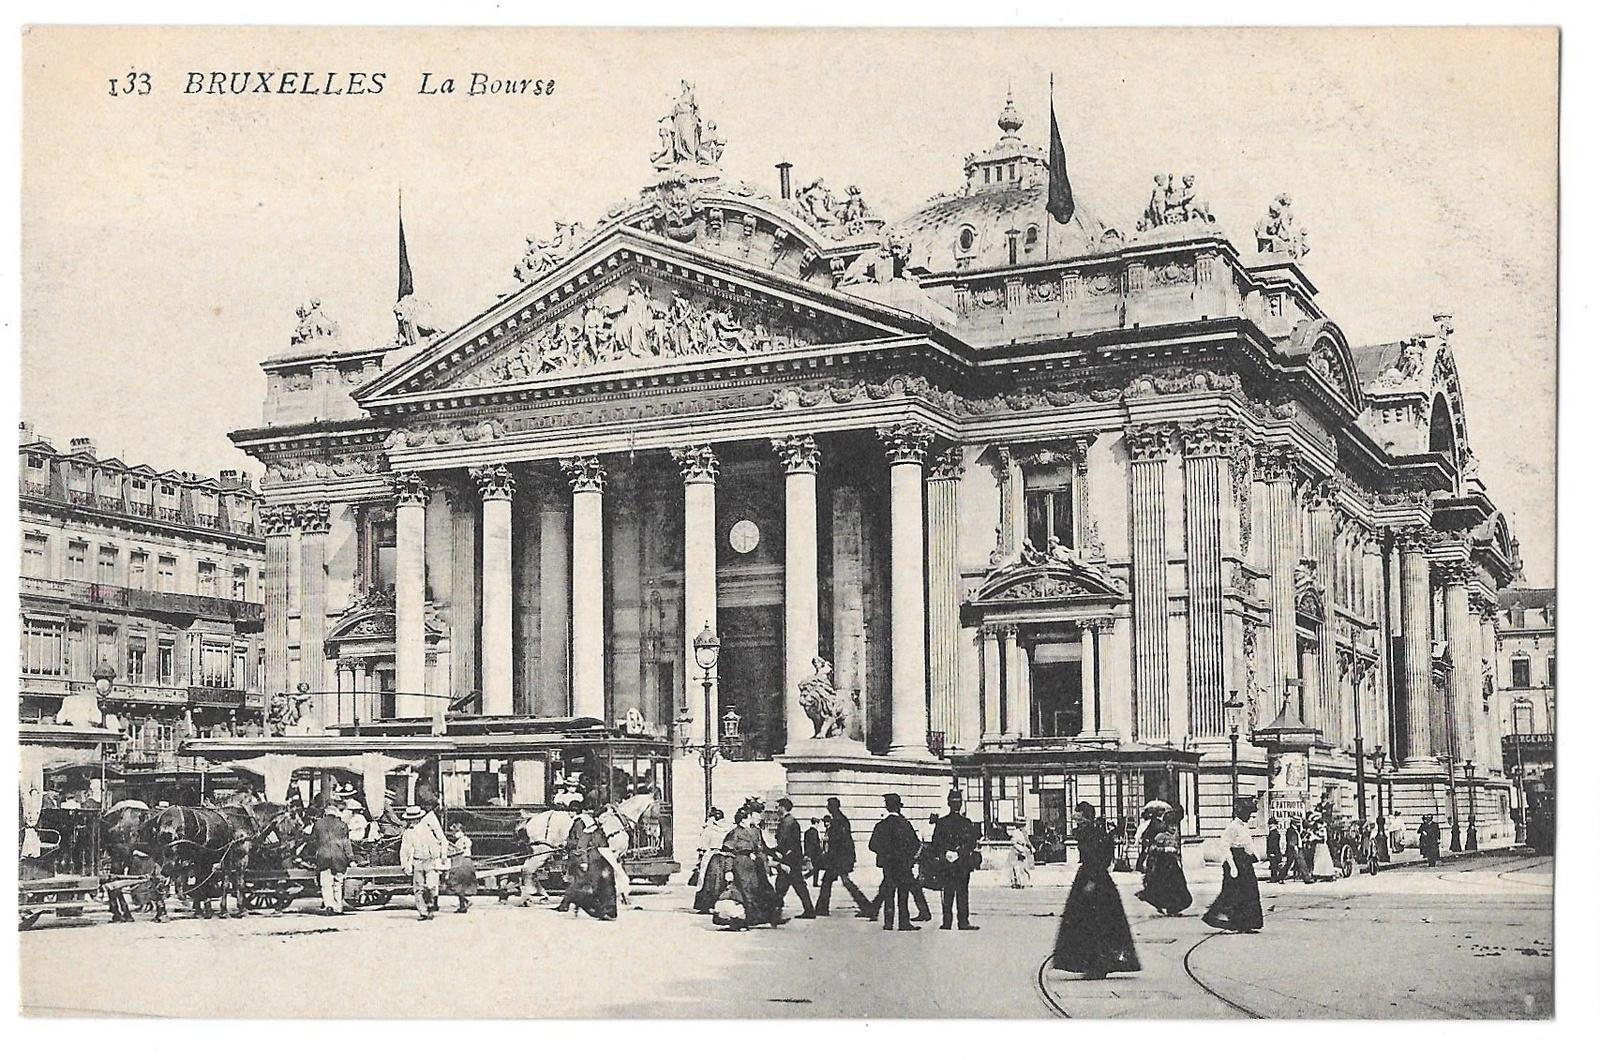 97 br 4950 315 belgium bruxelles brussels la bourse